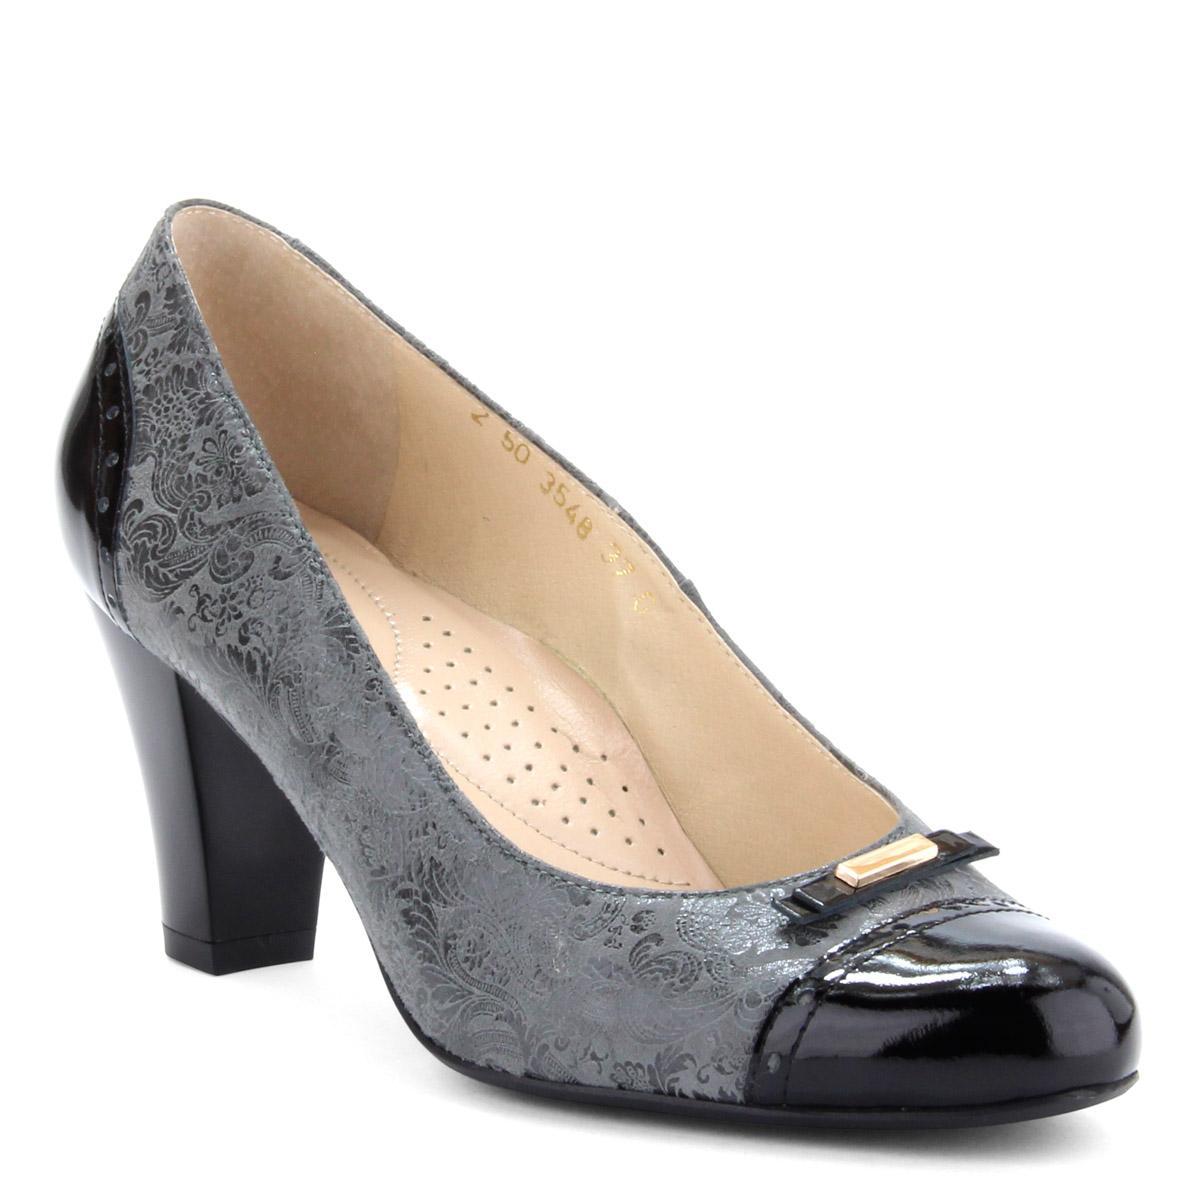 d2a0d2d4ad A cipő bélése · Fekete-szürke színkombinált női bőr cipő. Sarka 7 cm magas.